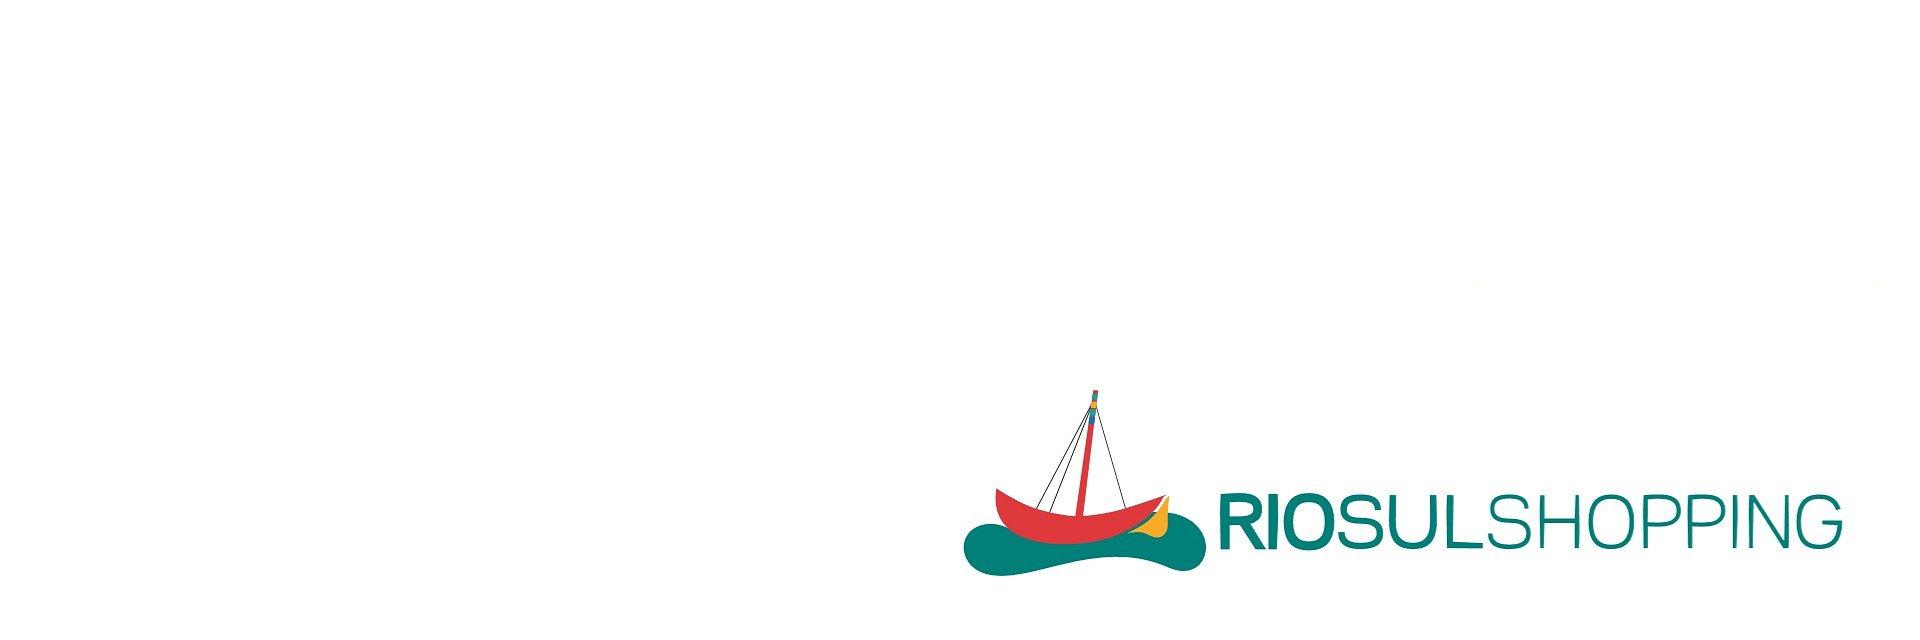 RioSul Shopping oferece 20 mil euros em Cartão Presente na Black Friday